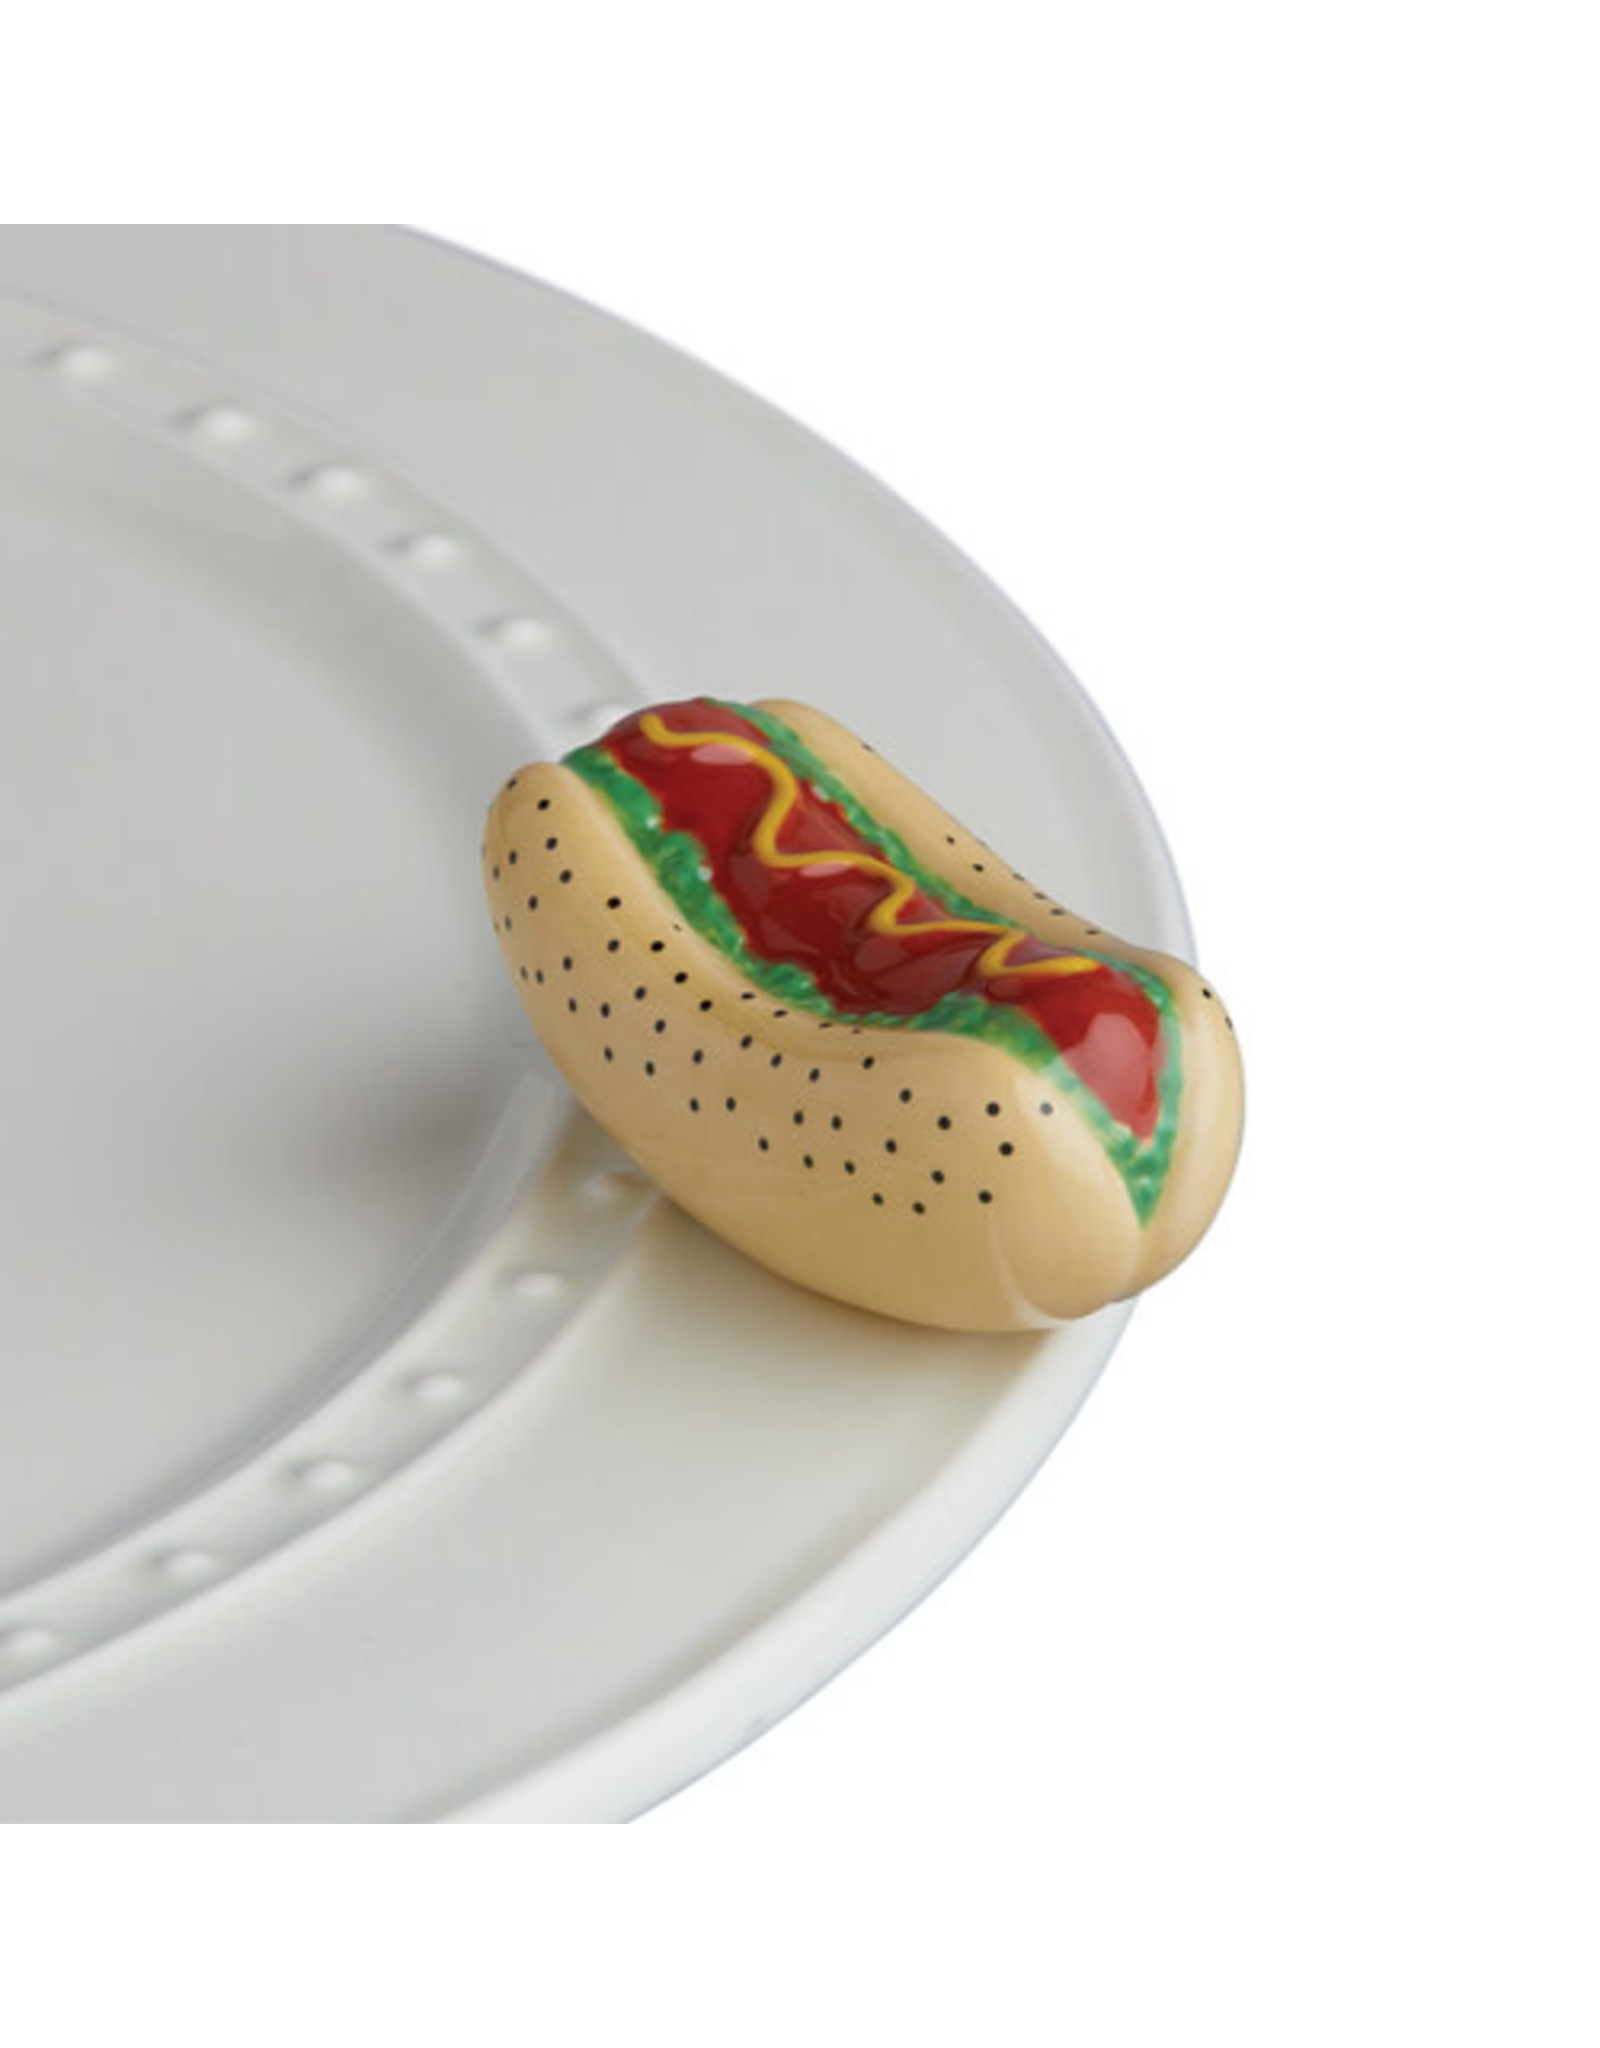 Chicago dog (hot dog)